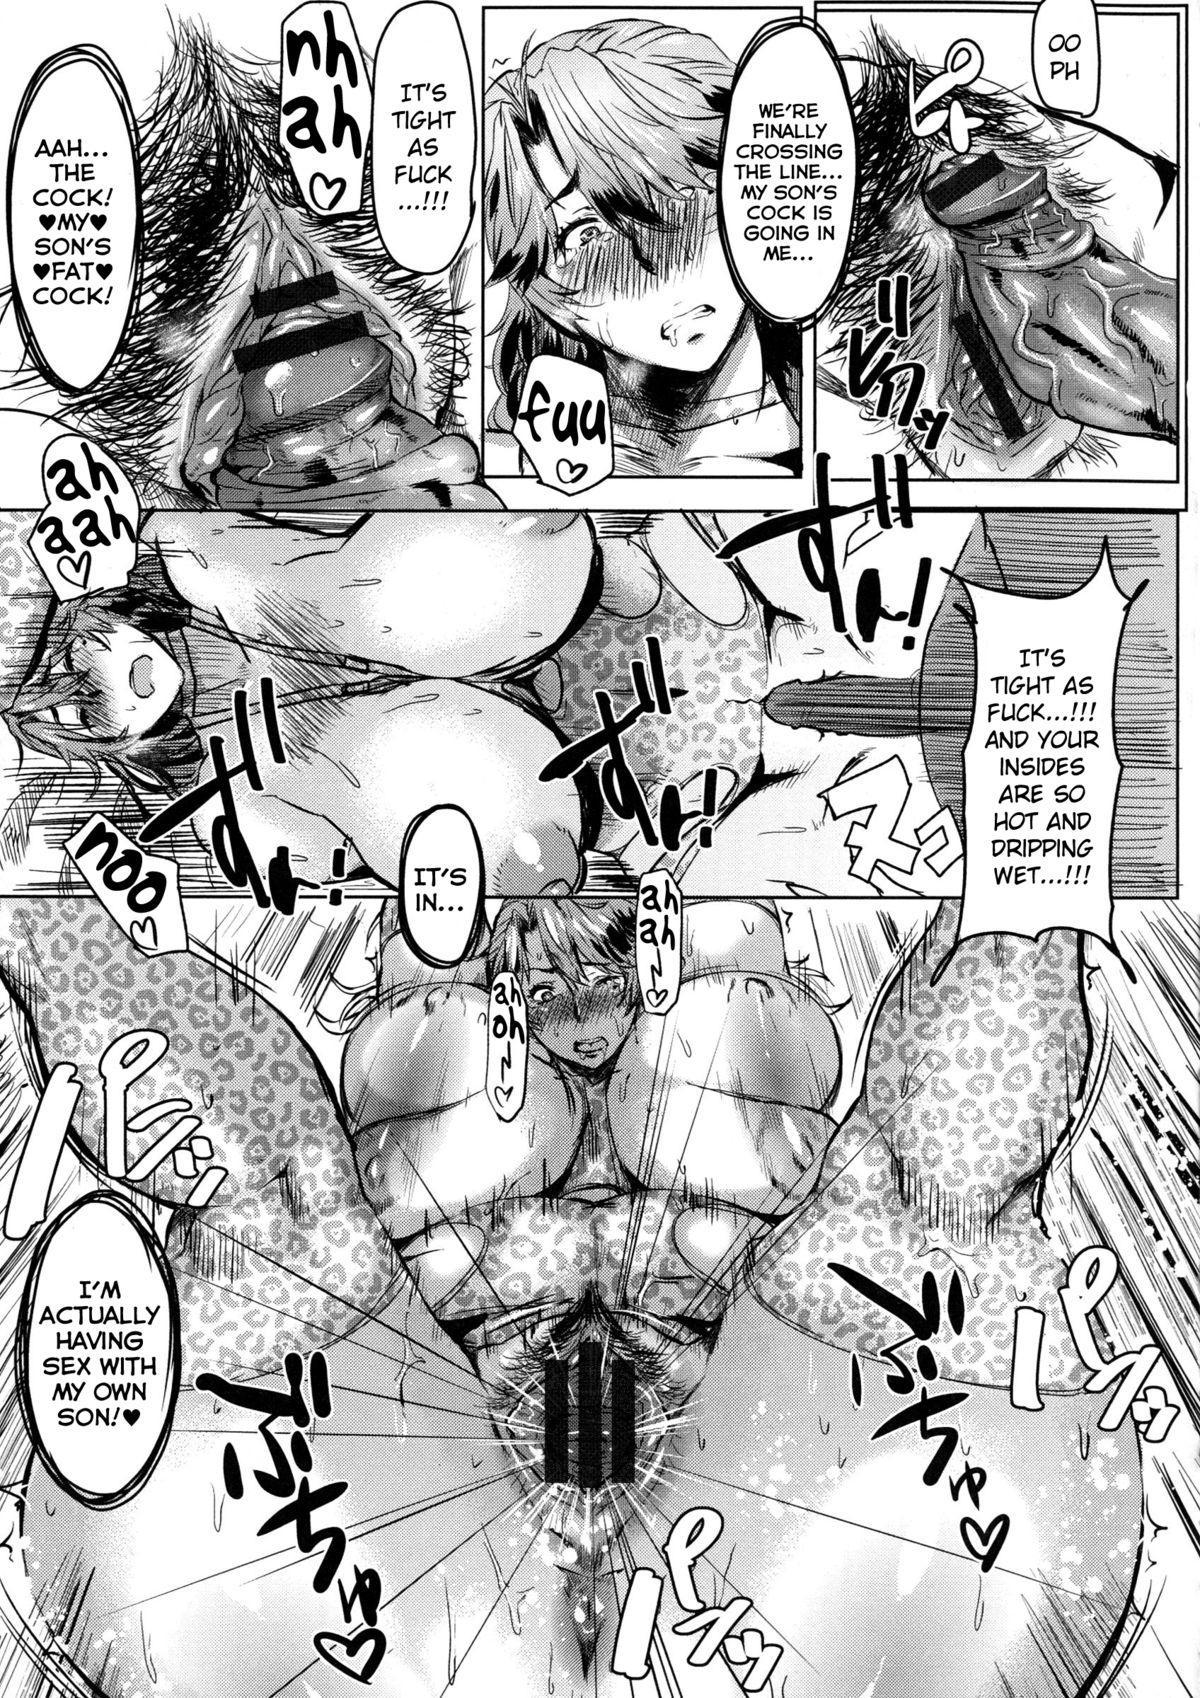 Ryakudatsu! Musuko Chinpo Love | Plunder! Son's Dick Love 8